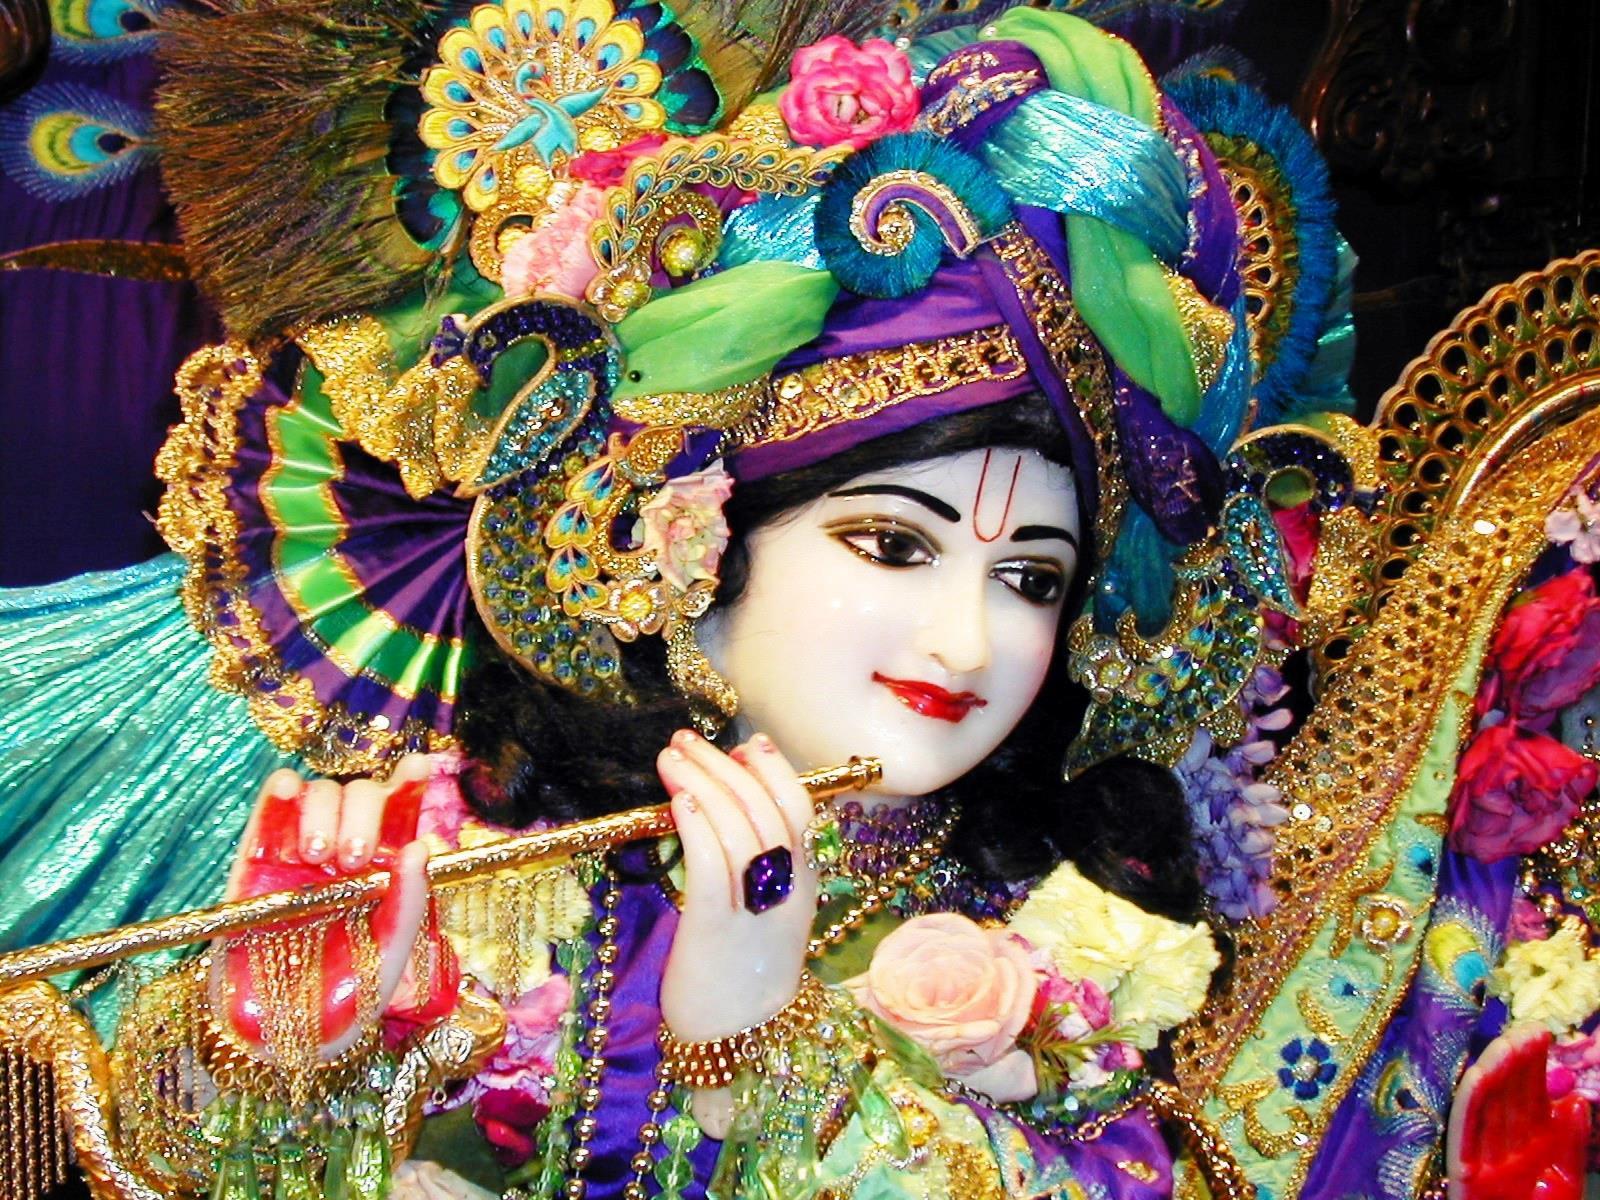 7 70995 bhagwan pic full hd lord krishna